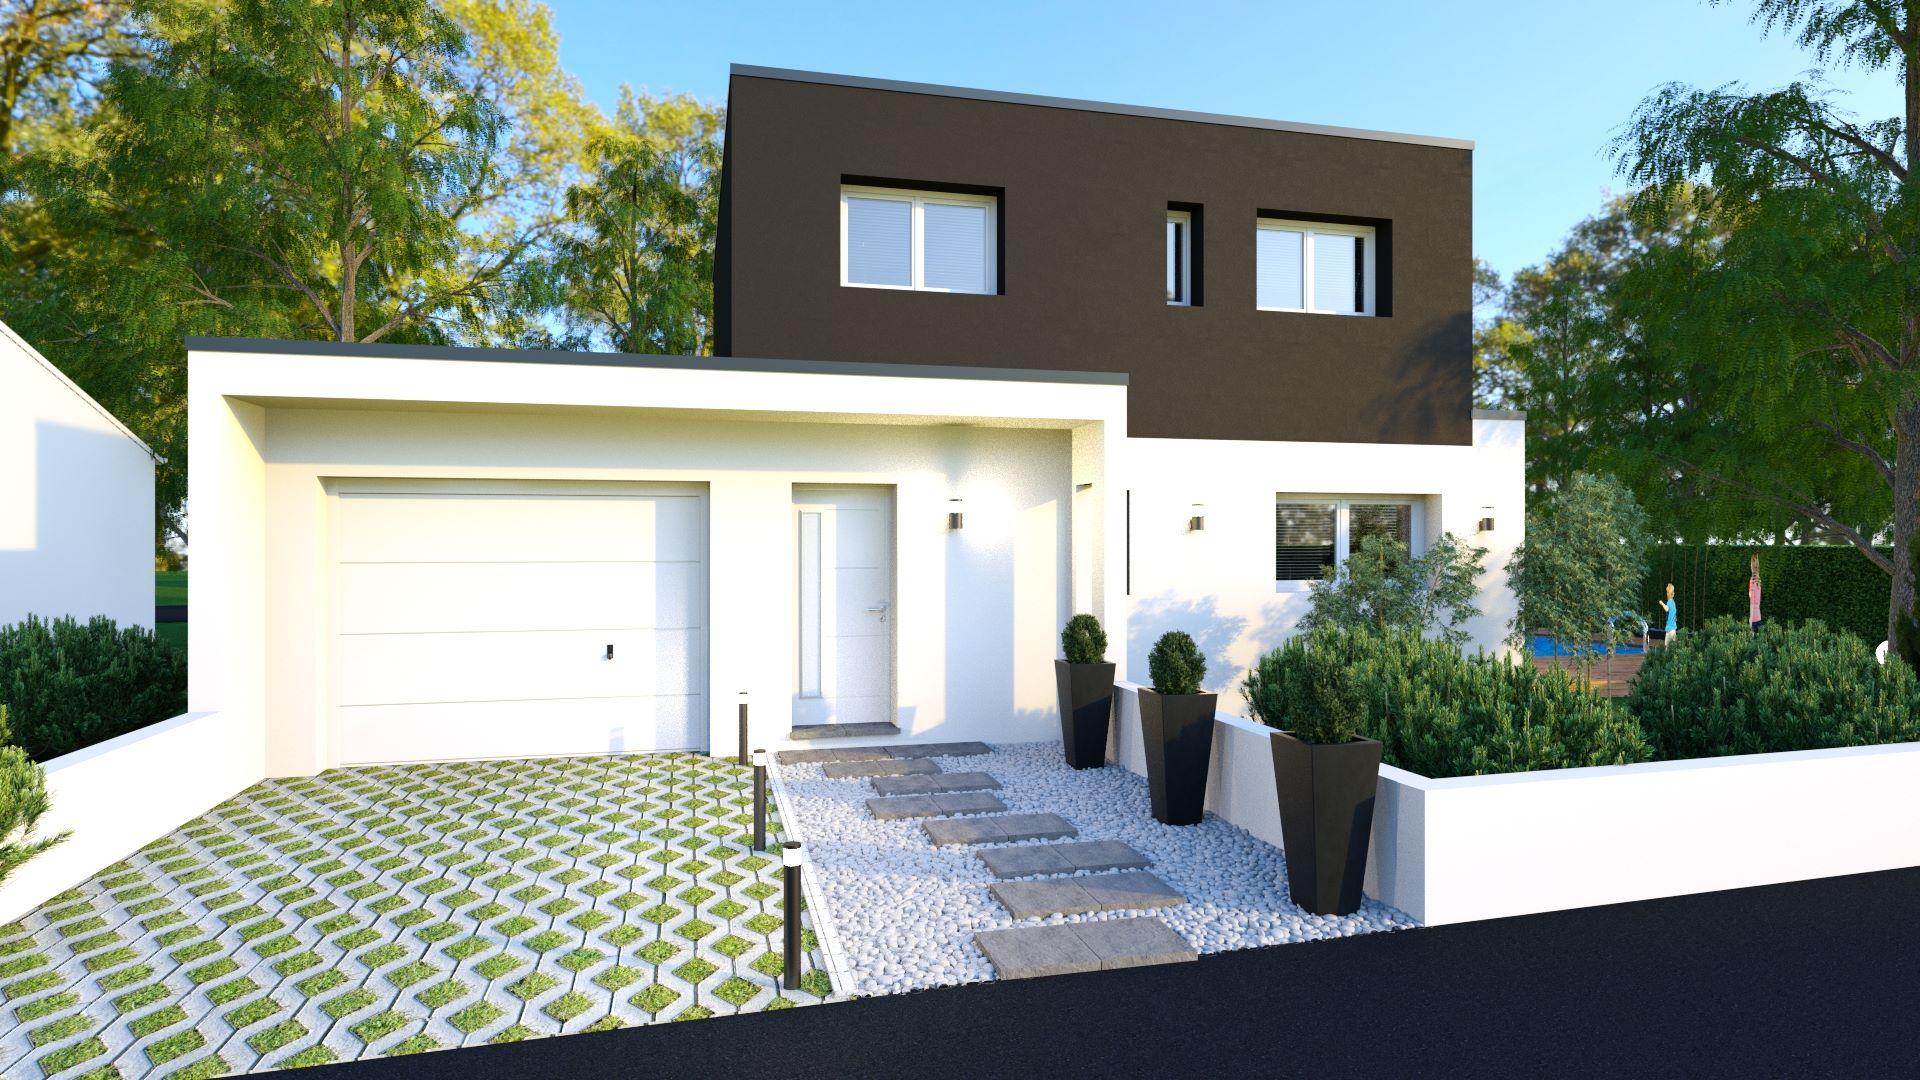 Découvrez les images de notre maison toit plat avec garage accolé